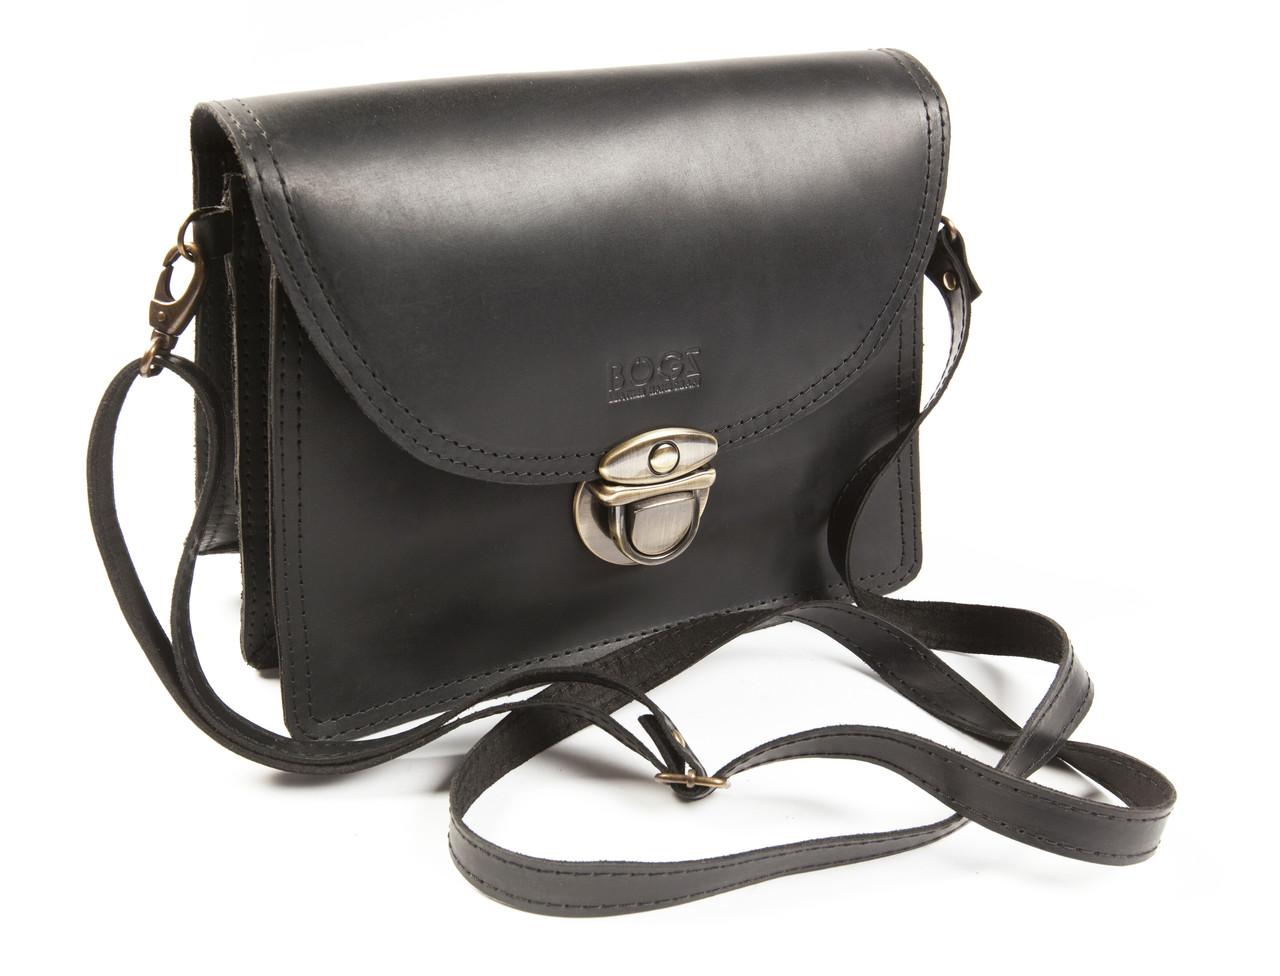 c9ace5b7c Женская кожаная сумка «Ирен» - Интернет-магазин кожаных аксессуаров ручной  работы BOGZ в